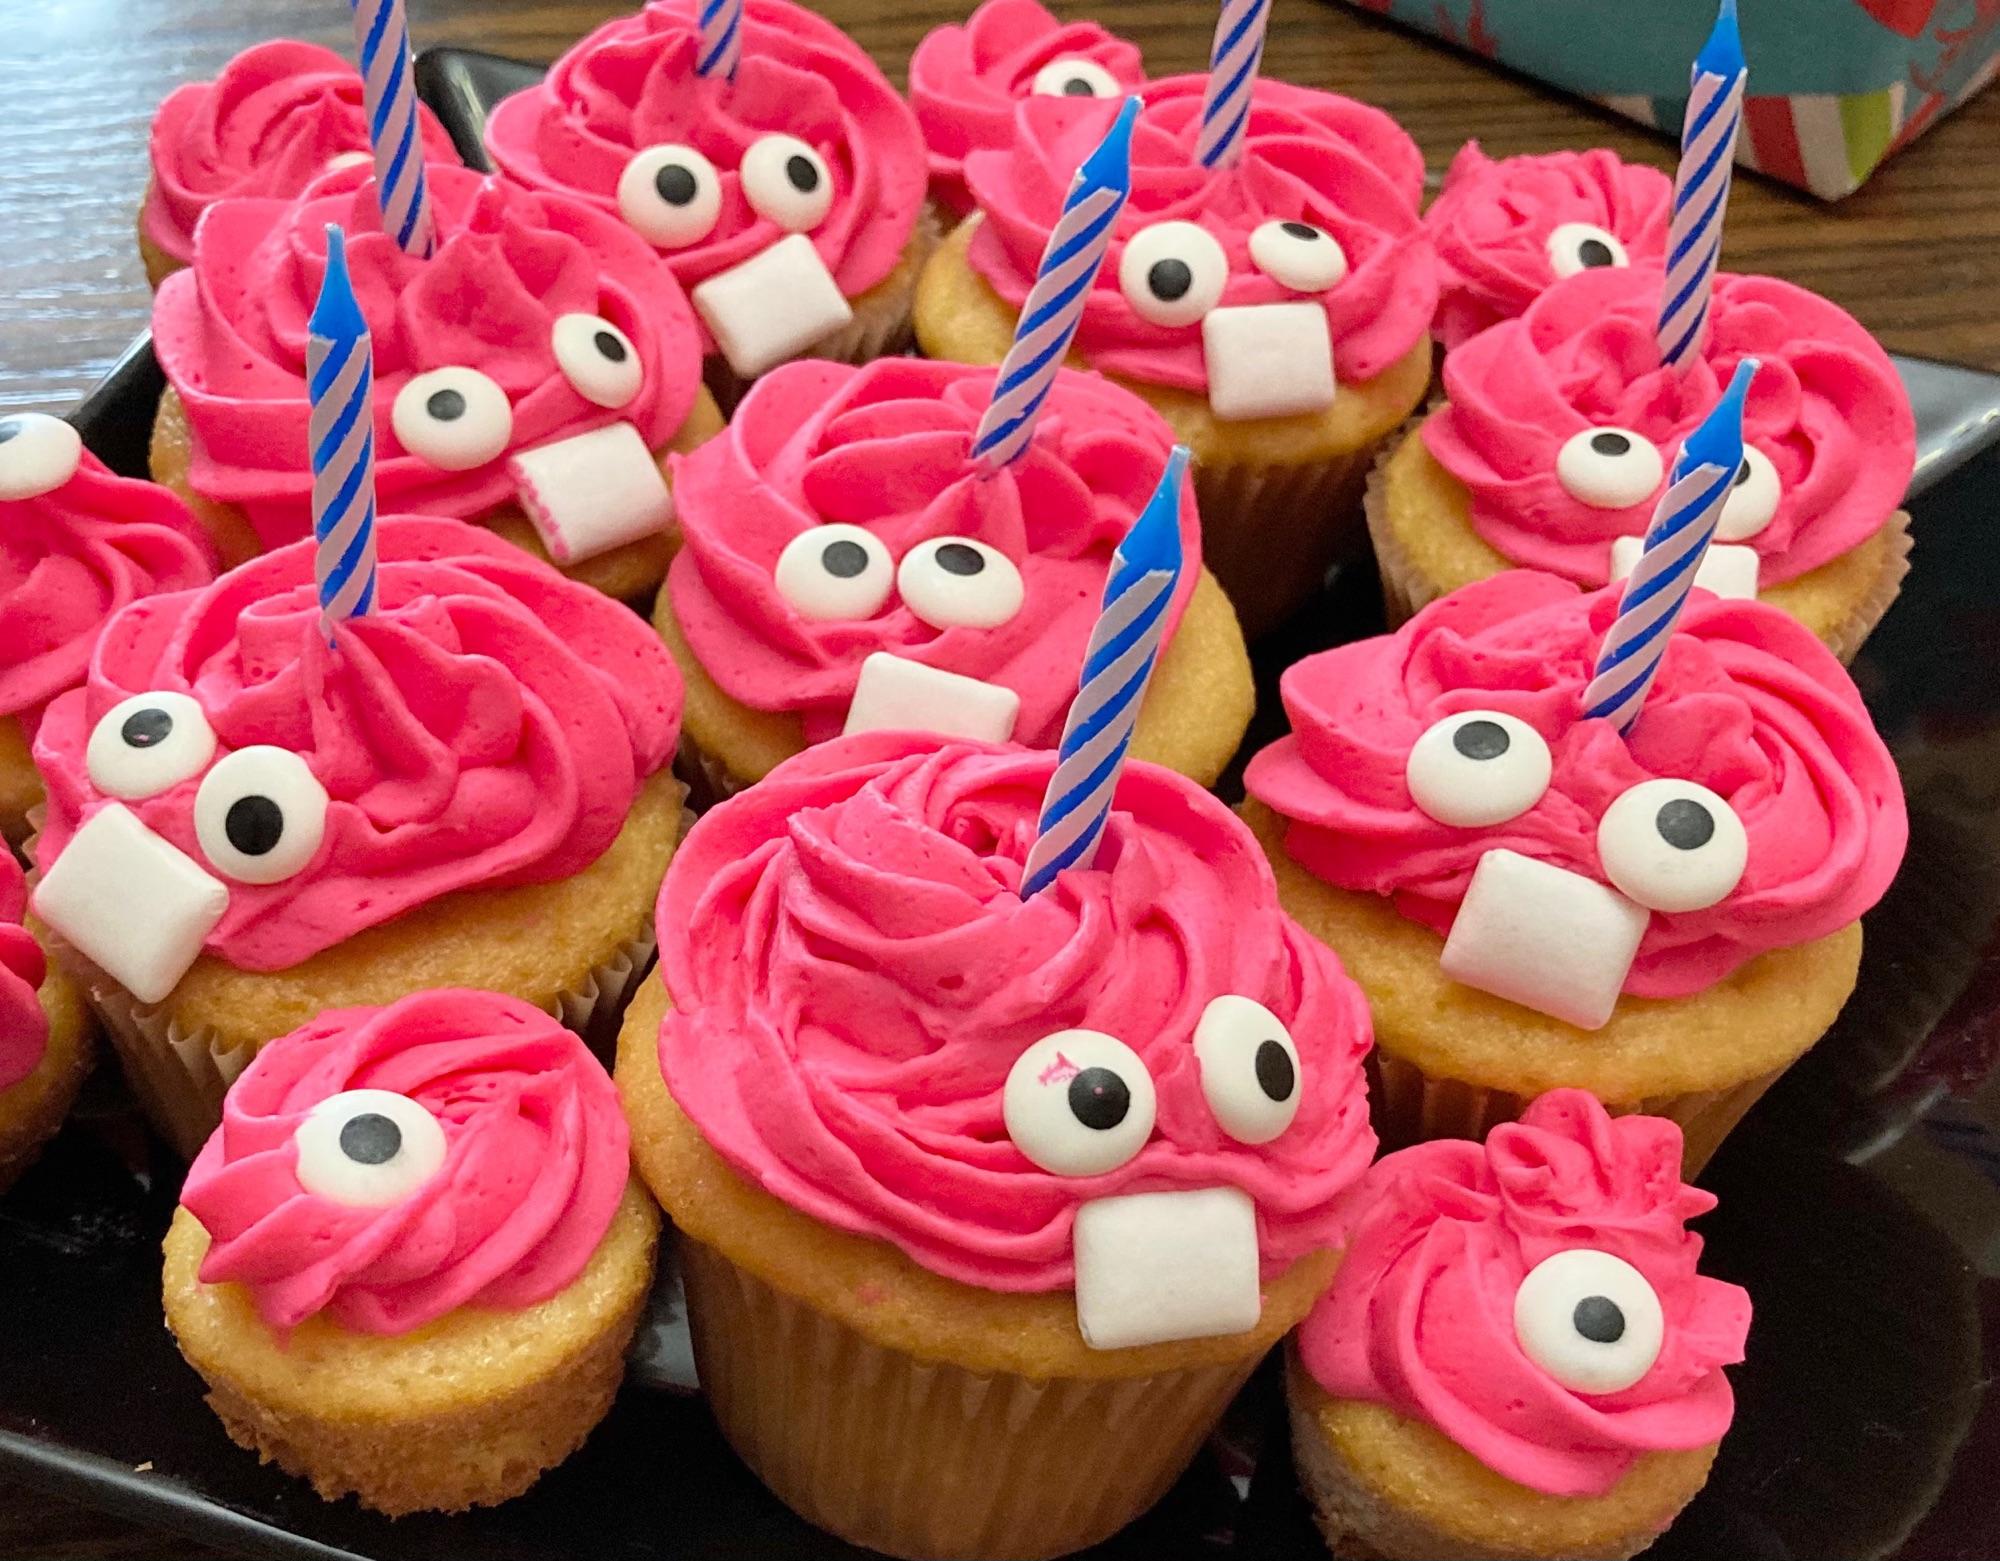 Carl cupcakes